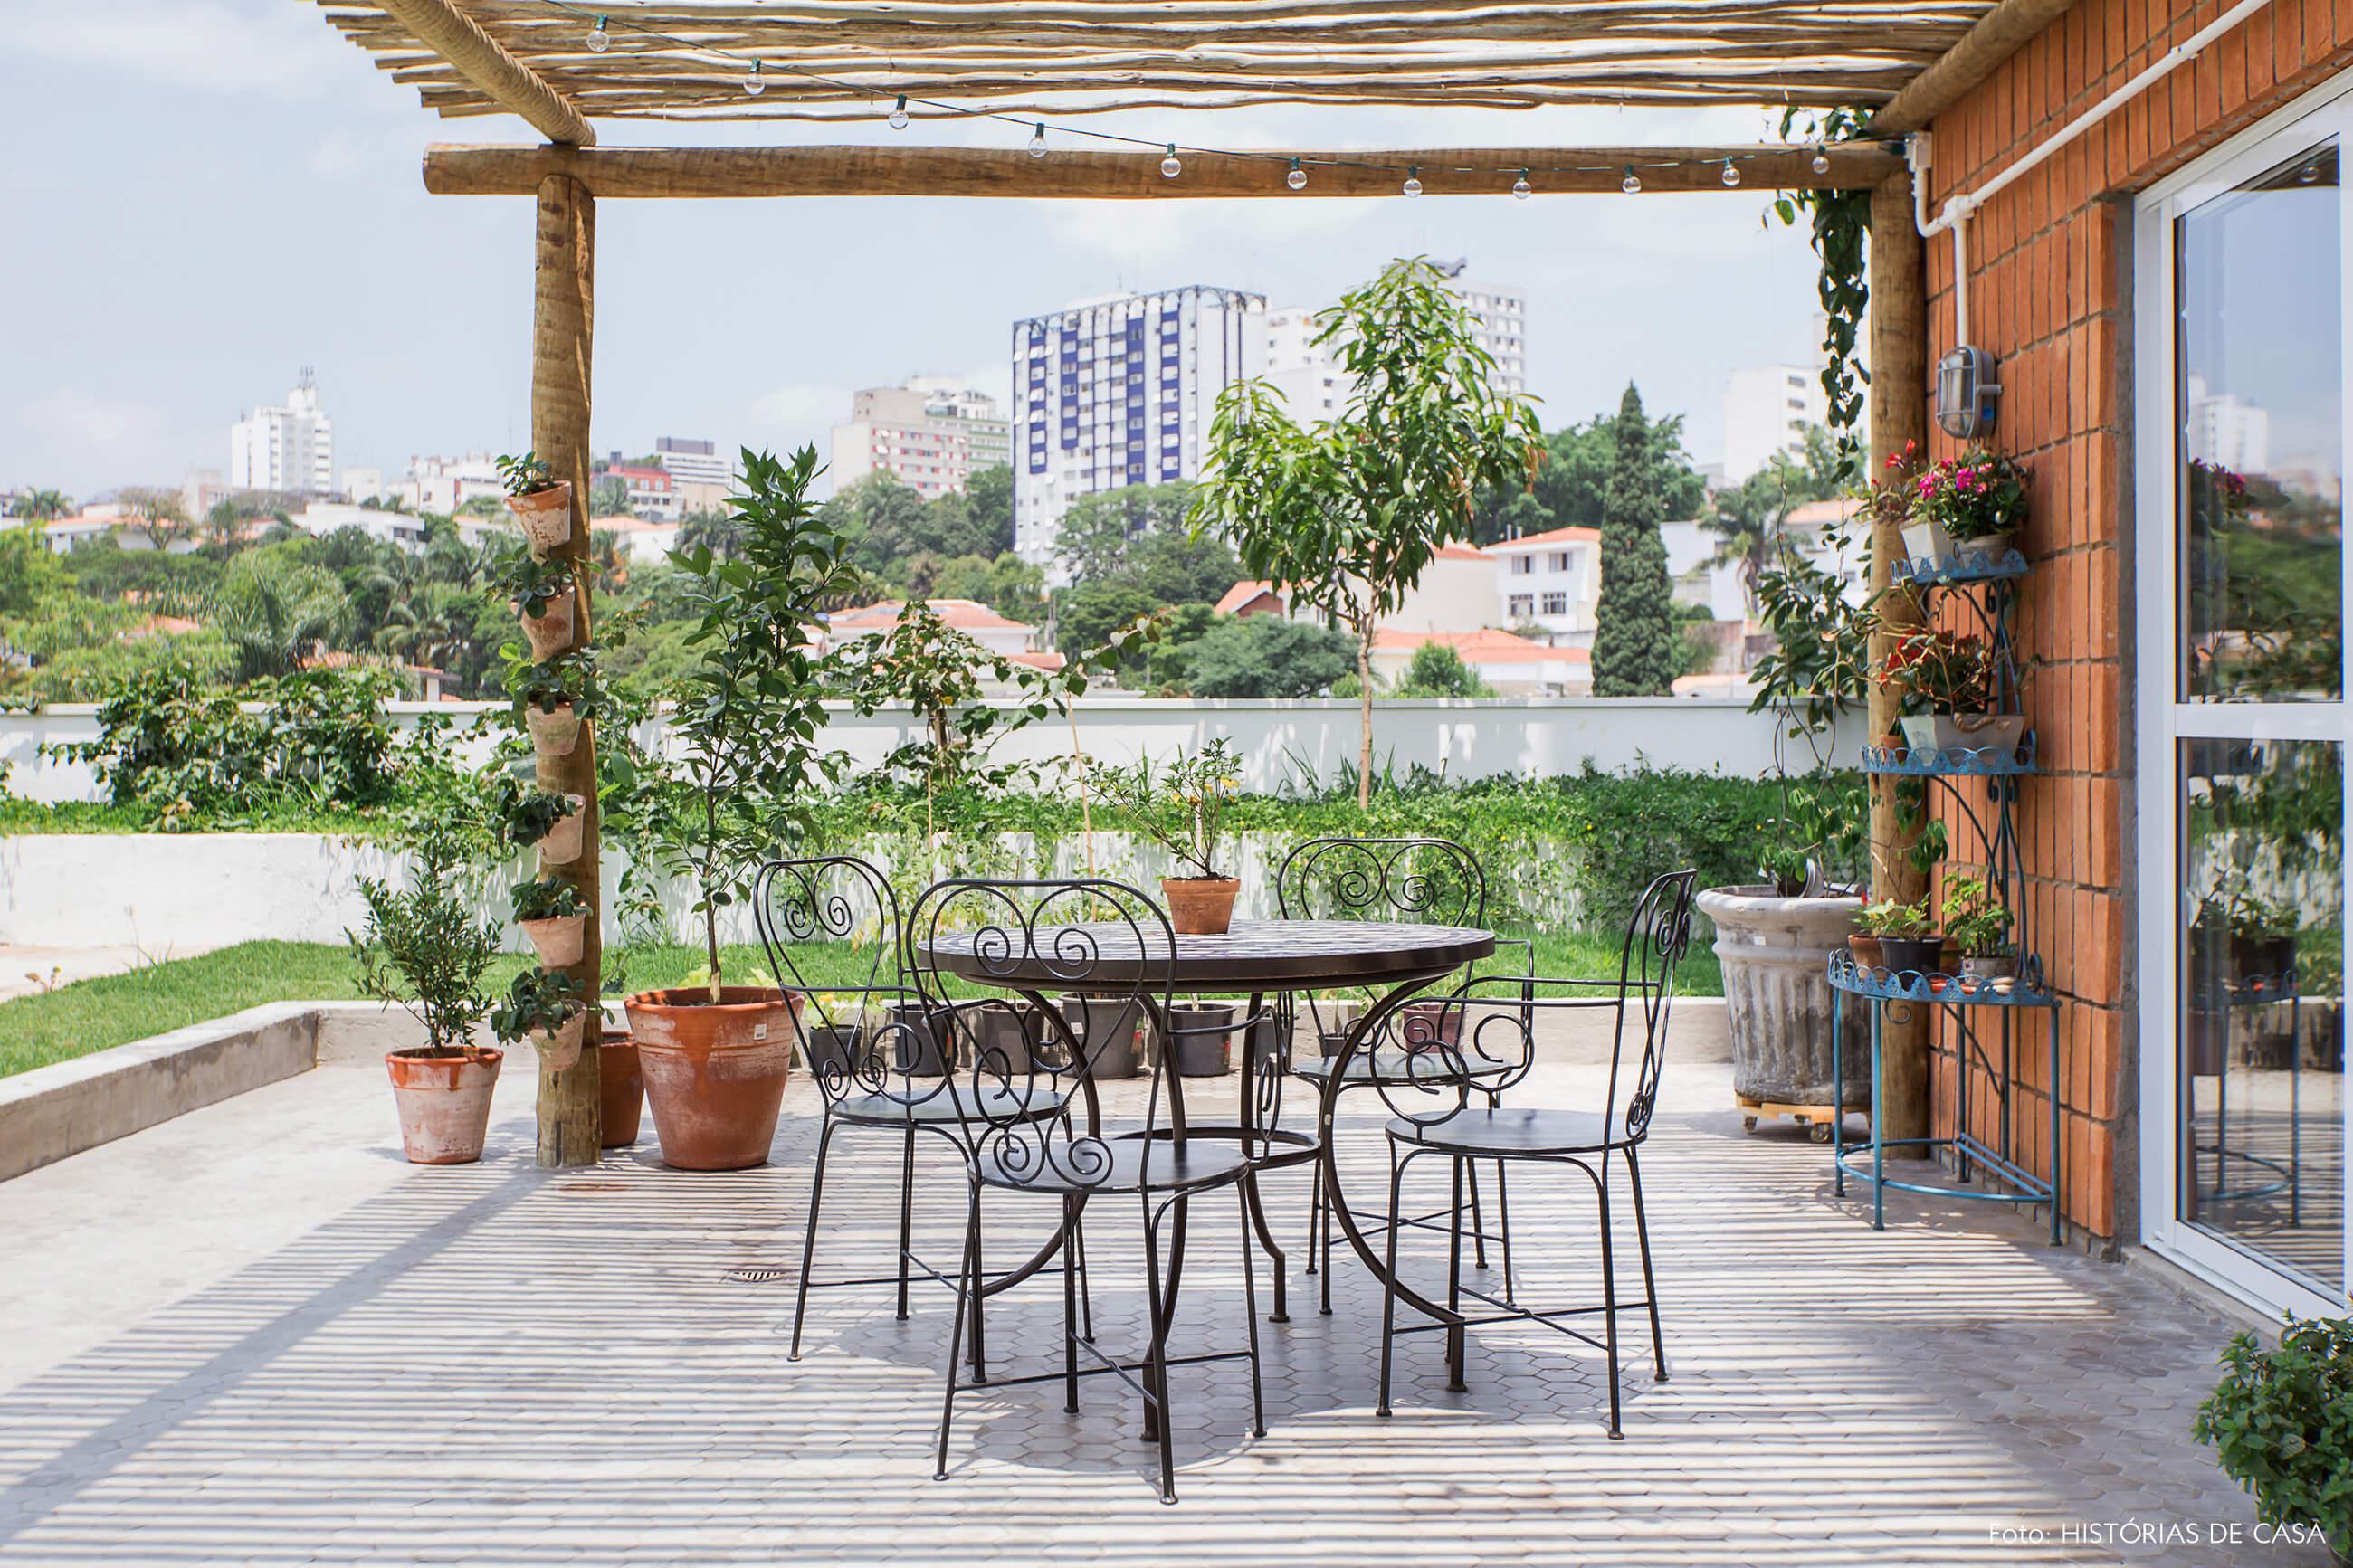 Apartamento térreo com jardim, rede de balanço e mesa de ferro